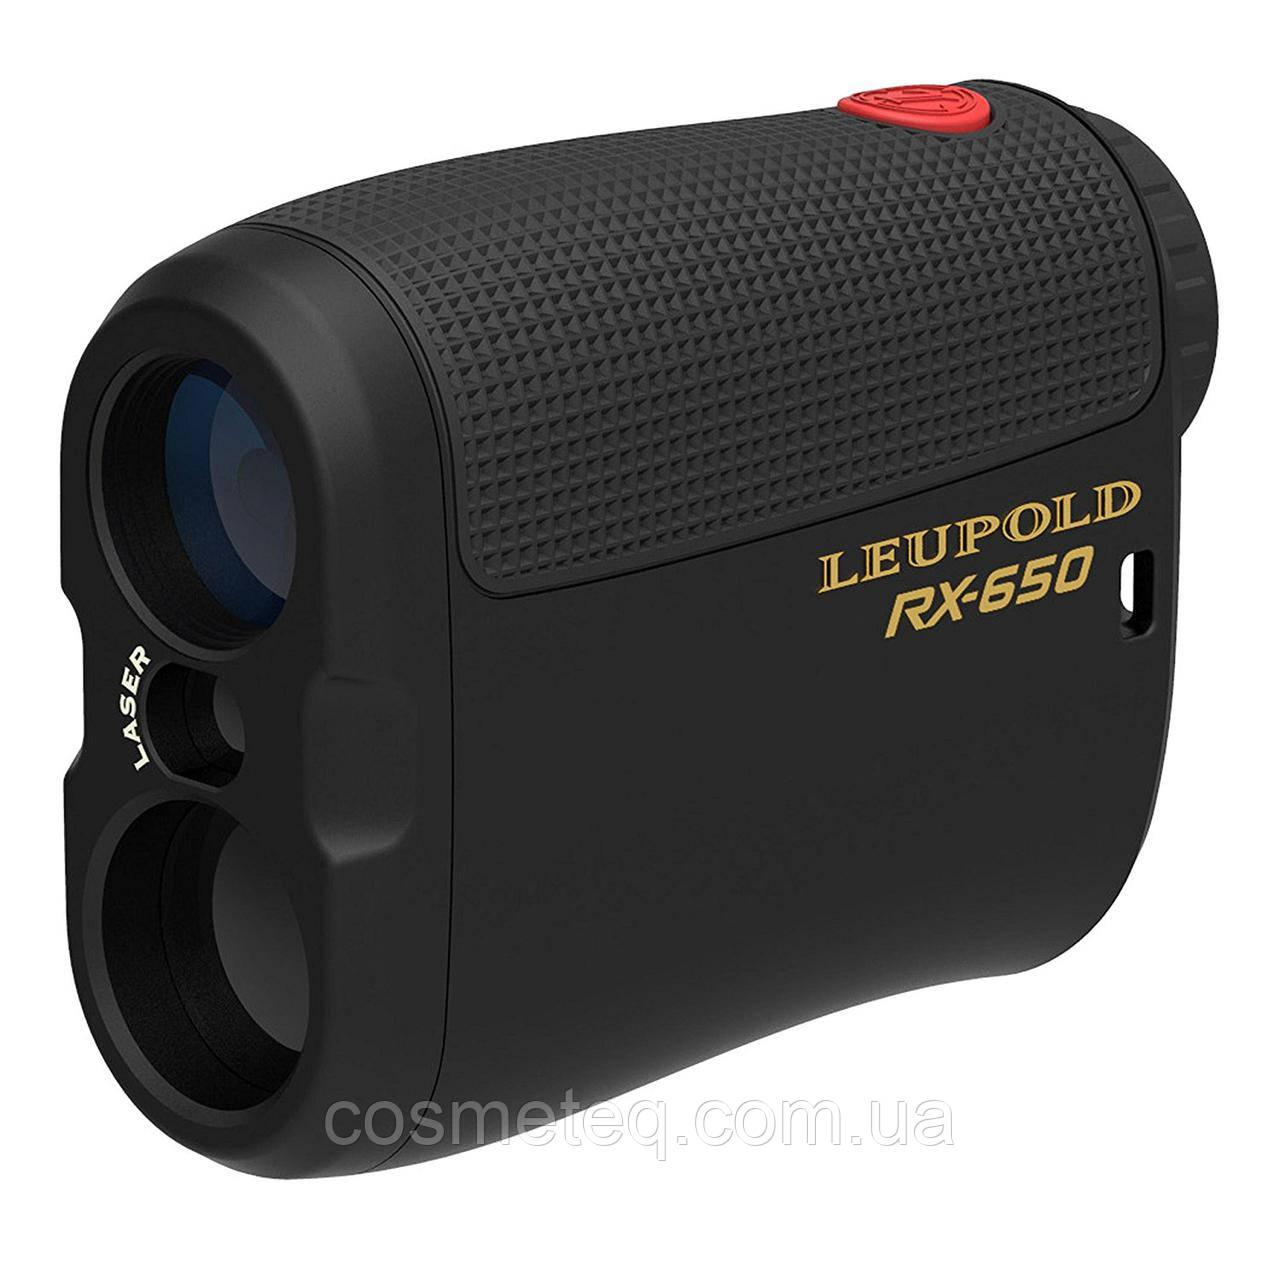 Дальномер для охоты лазерный Leupold RX-650 Laser Rangefinder